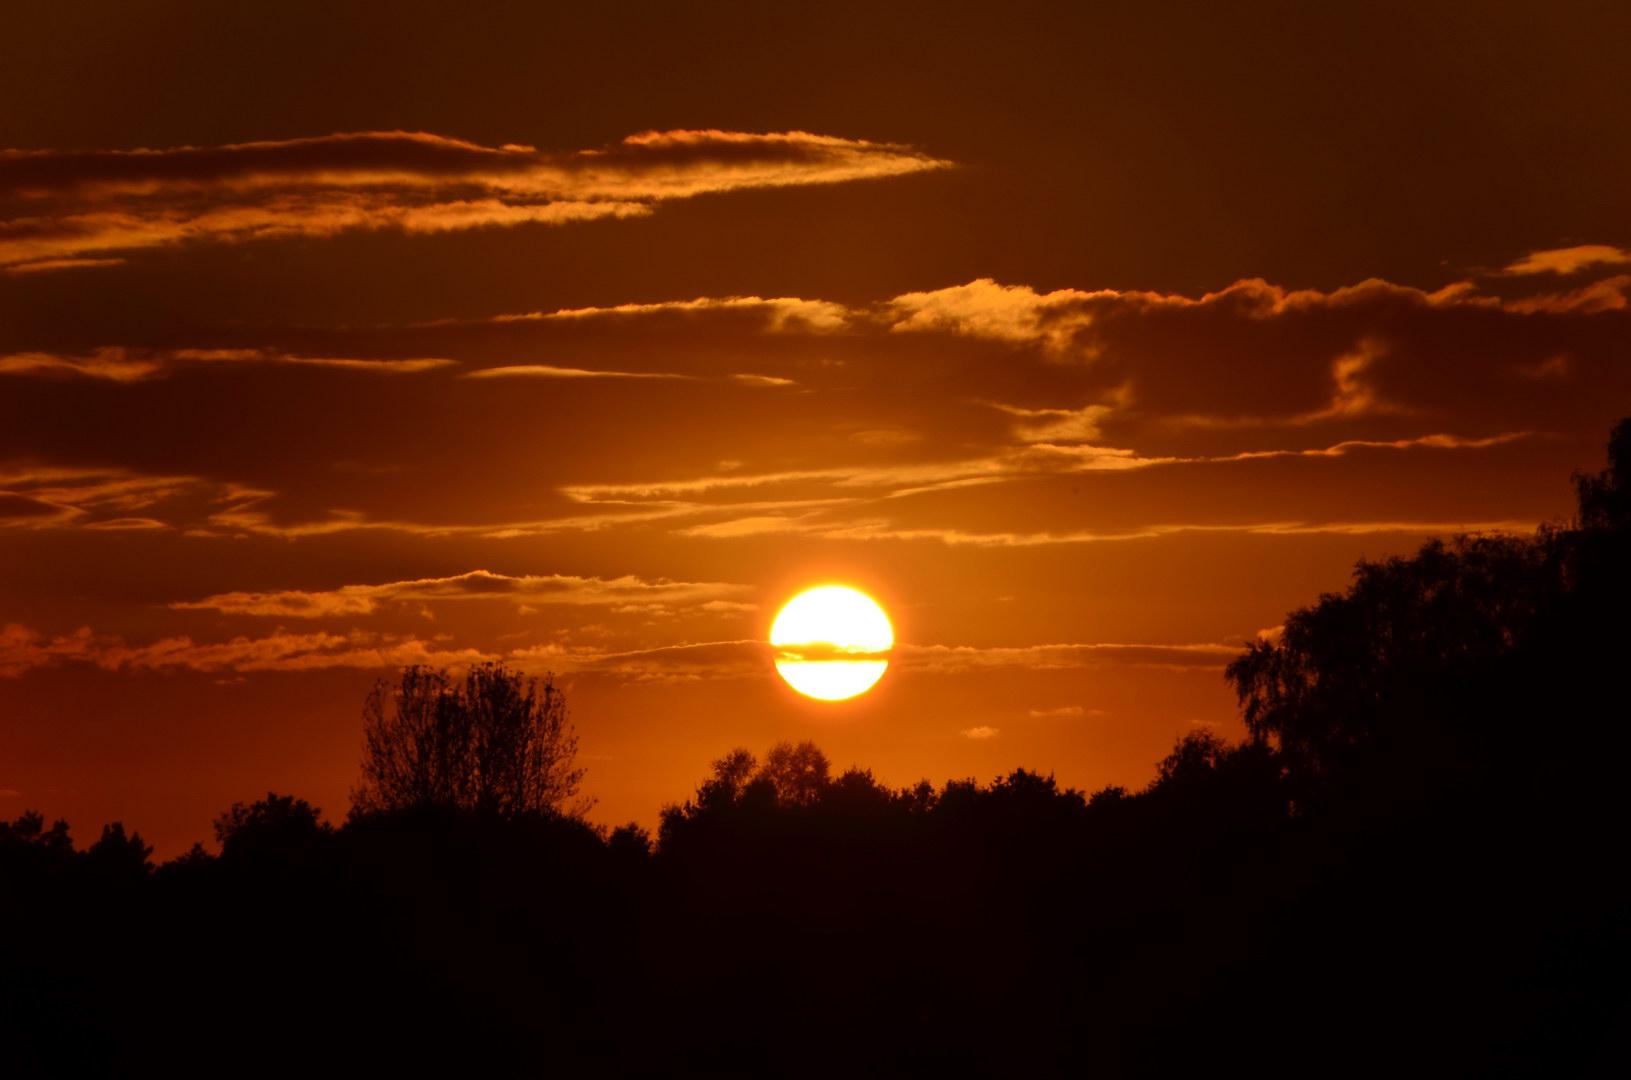 Brennende Sonne Landschaft Silhouette